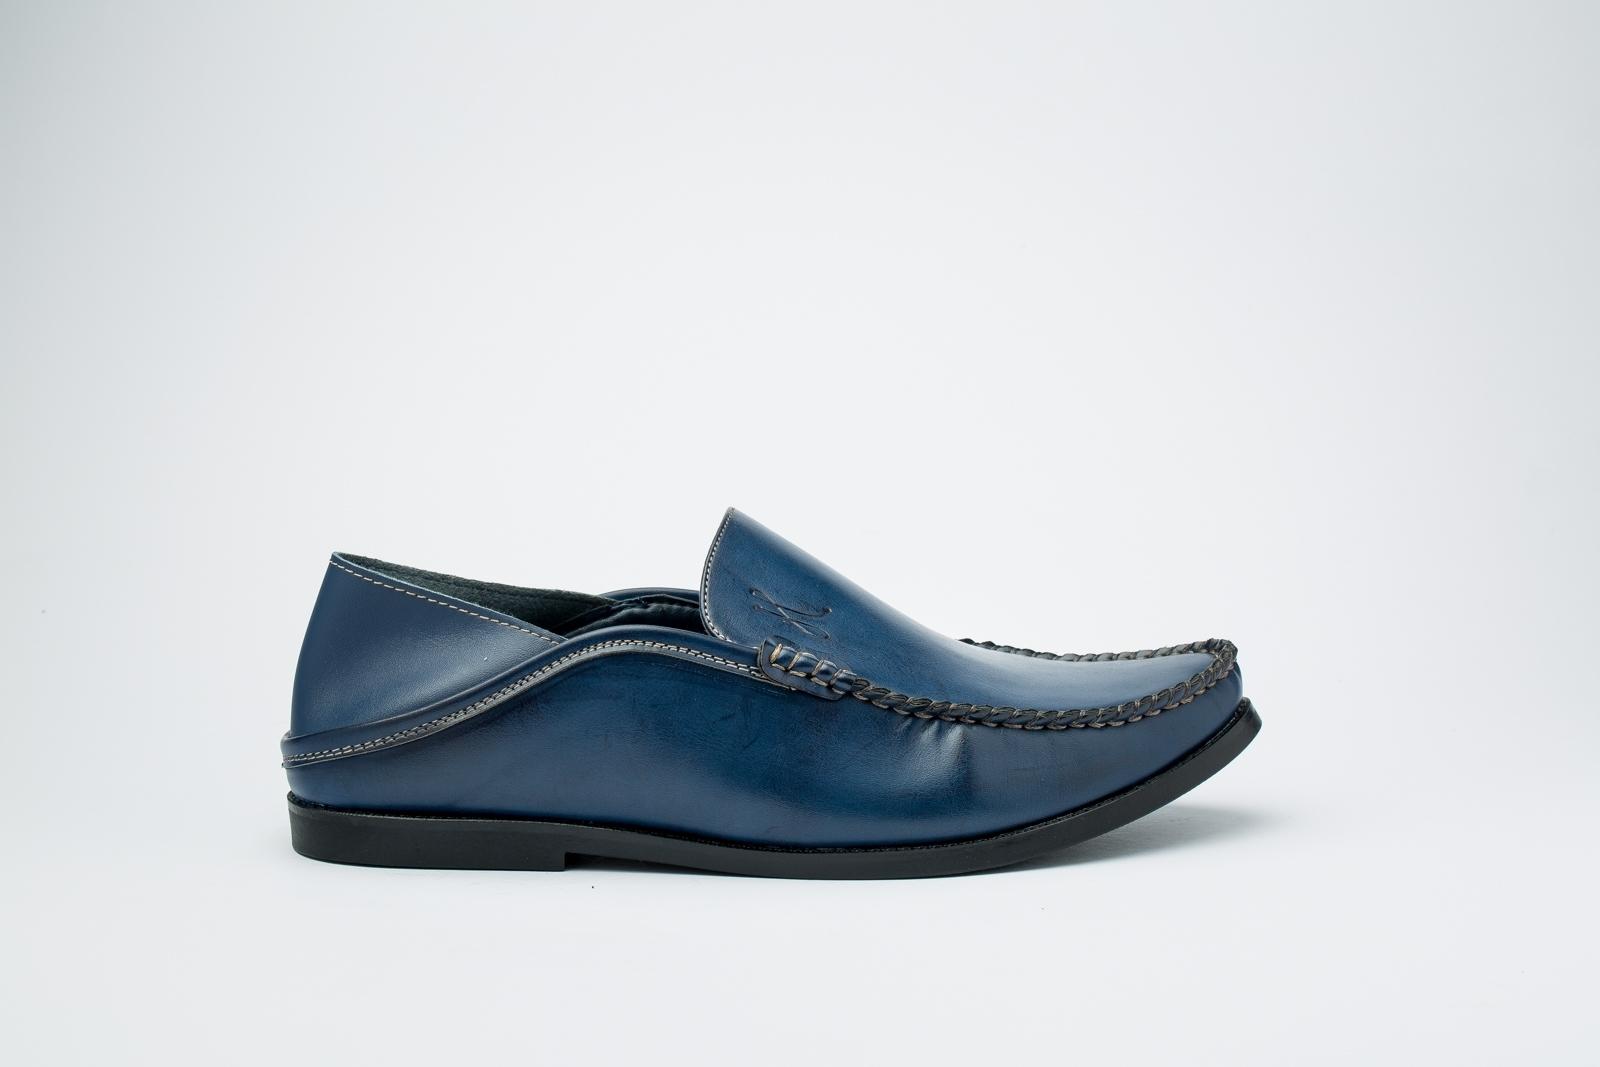 الصورة: حذاء (بلغه) ازرق